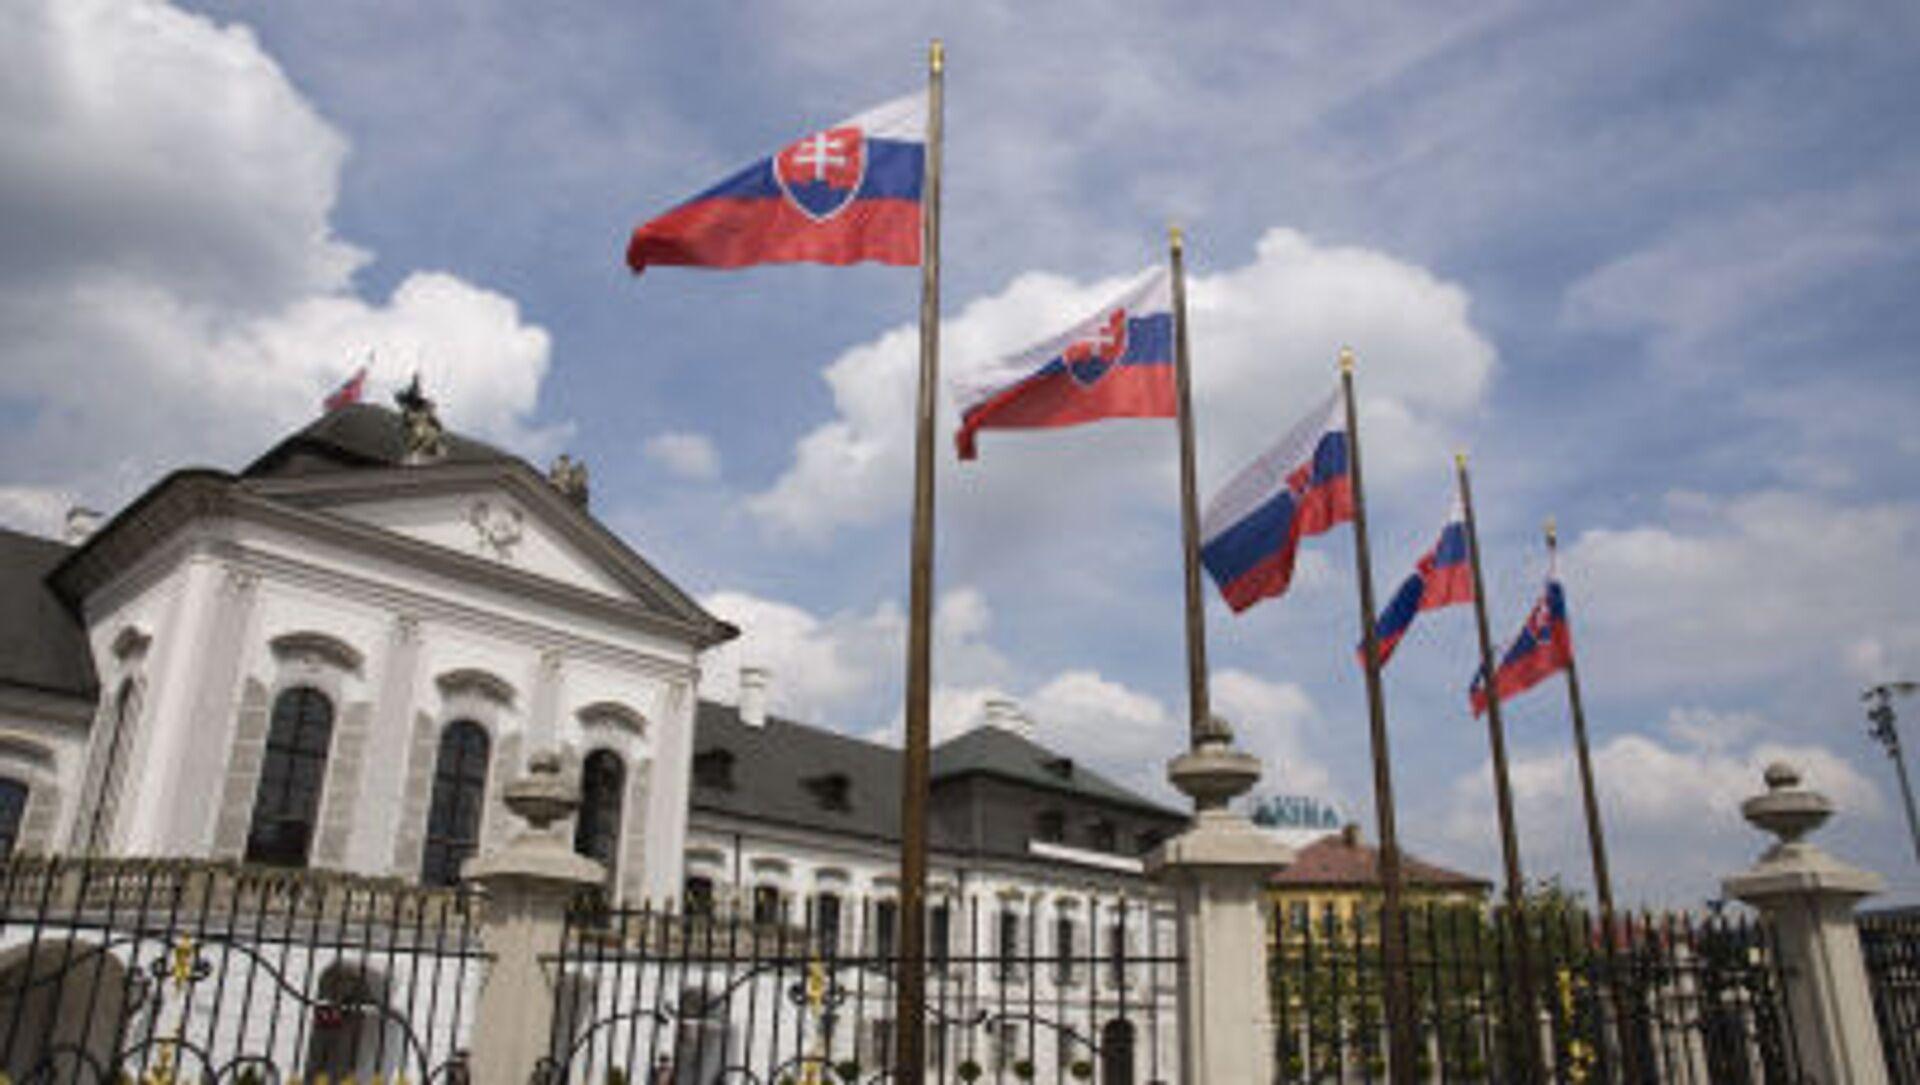 Siedziba prezydenta Słowacji w Bratysławie - Sputnik Polska, 1920, 15.04.2021